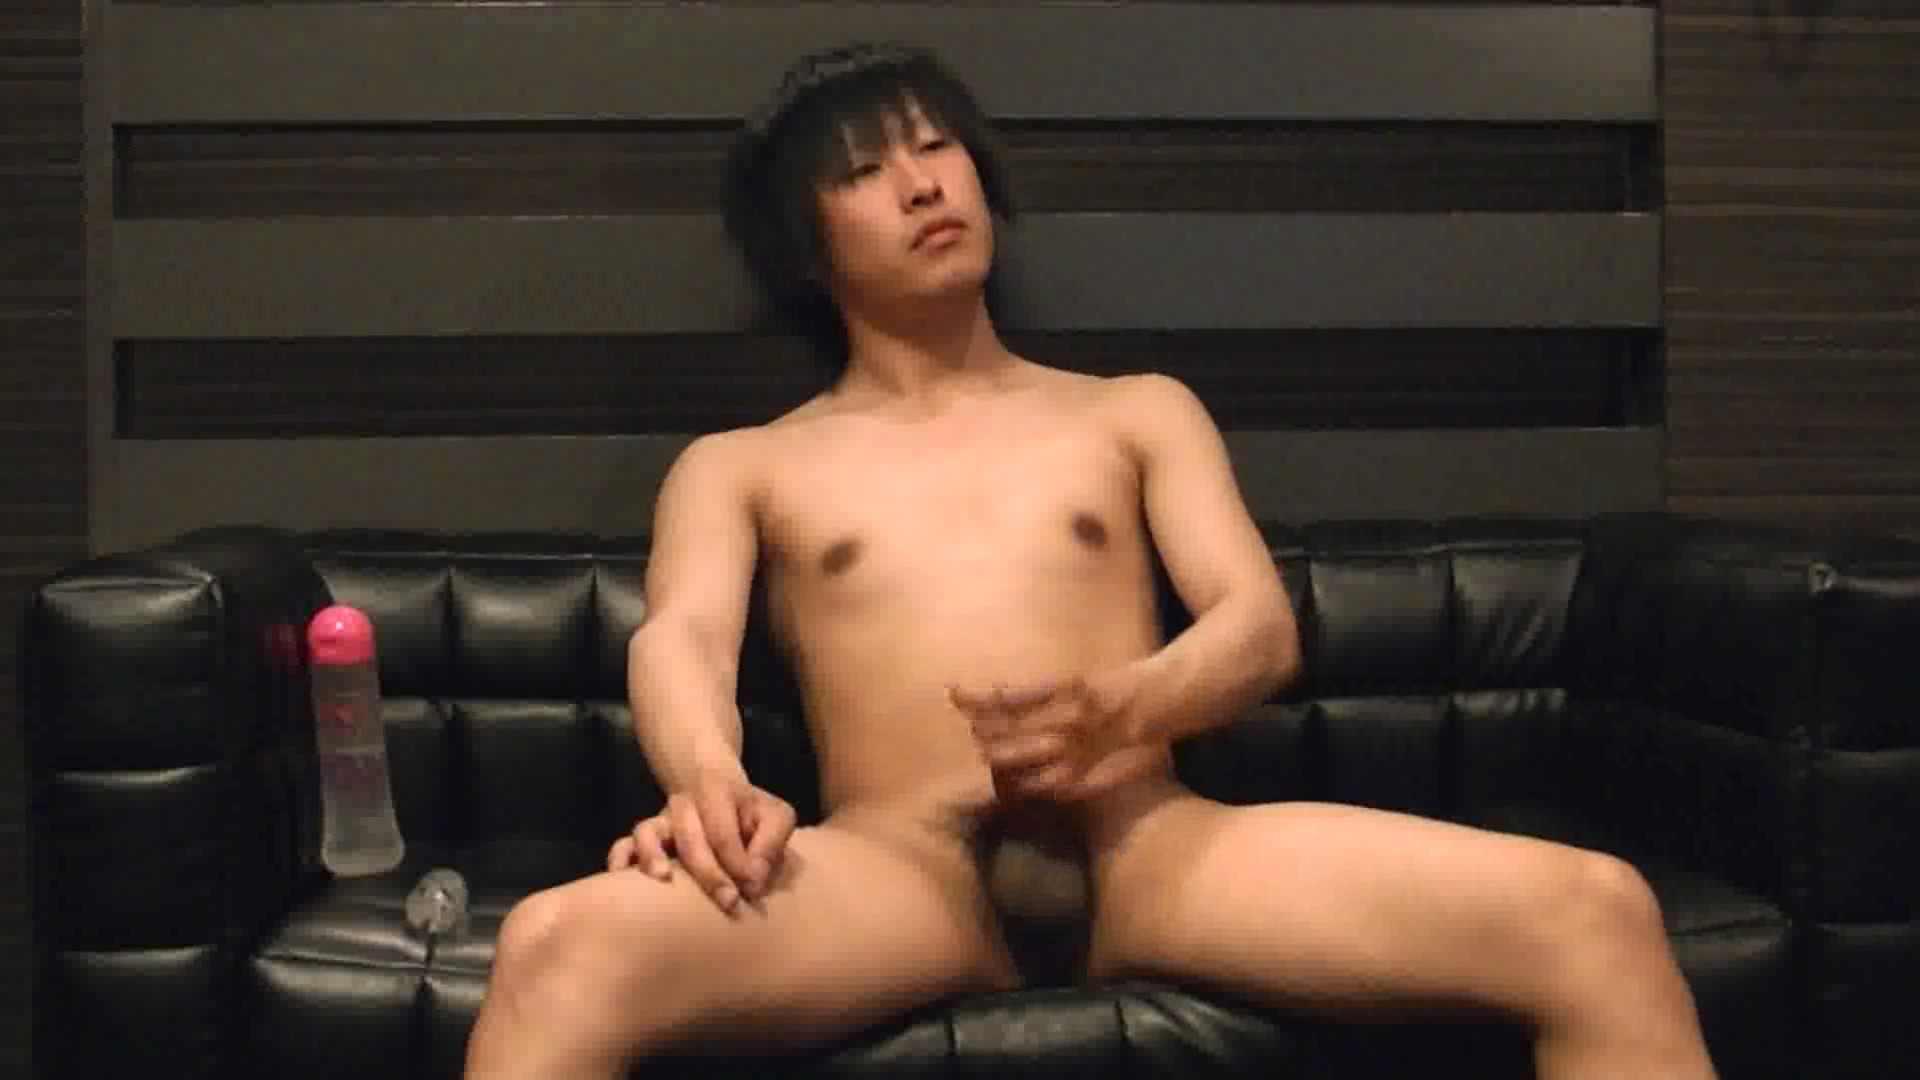 ONA見せカーニバル!! Vol6 イケメンたち ケツマンスケベ画像 109pic 81